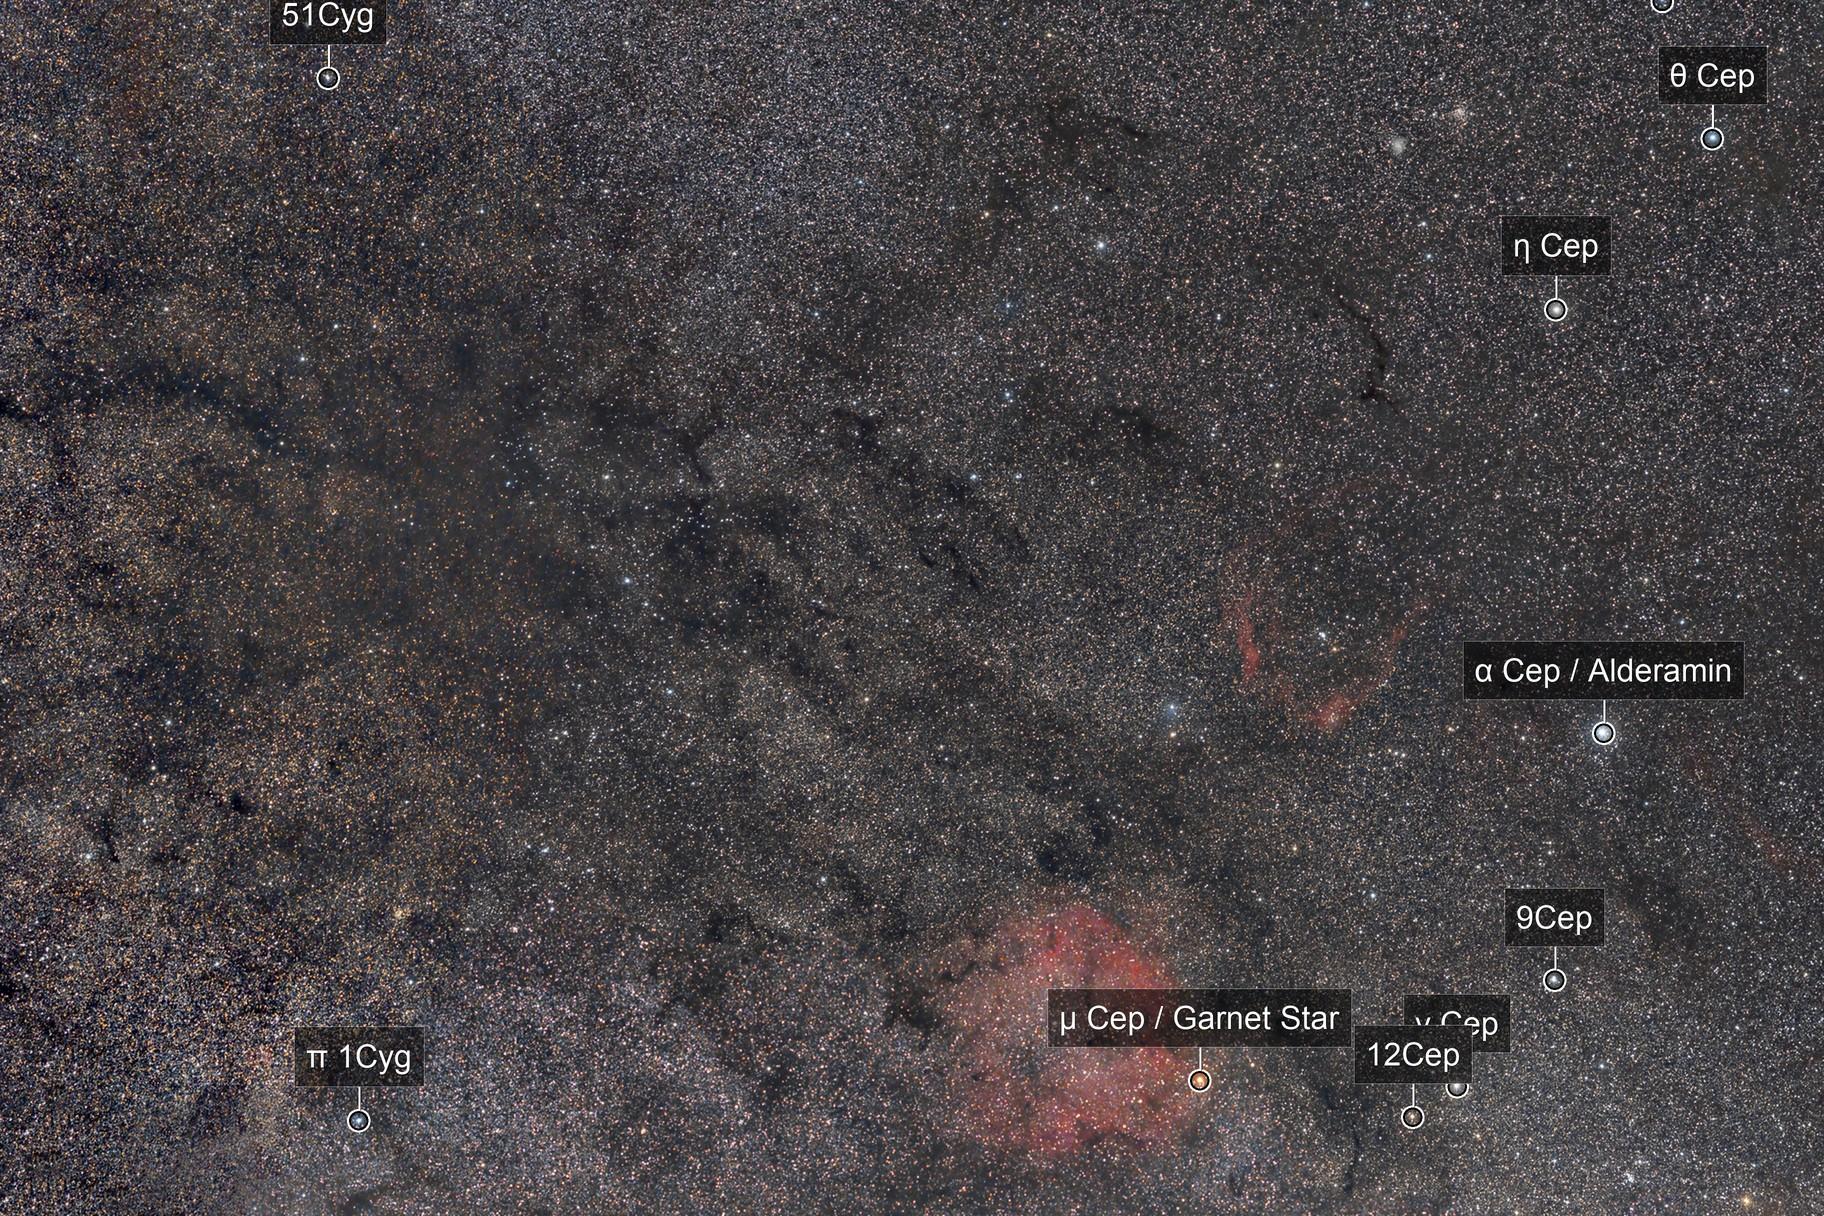 Between Cepheus and Cygnus